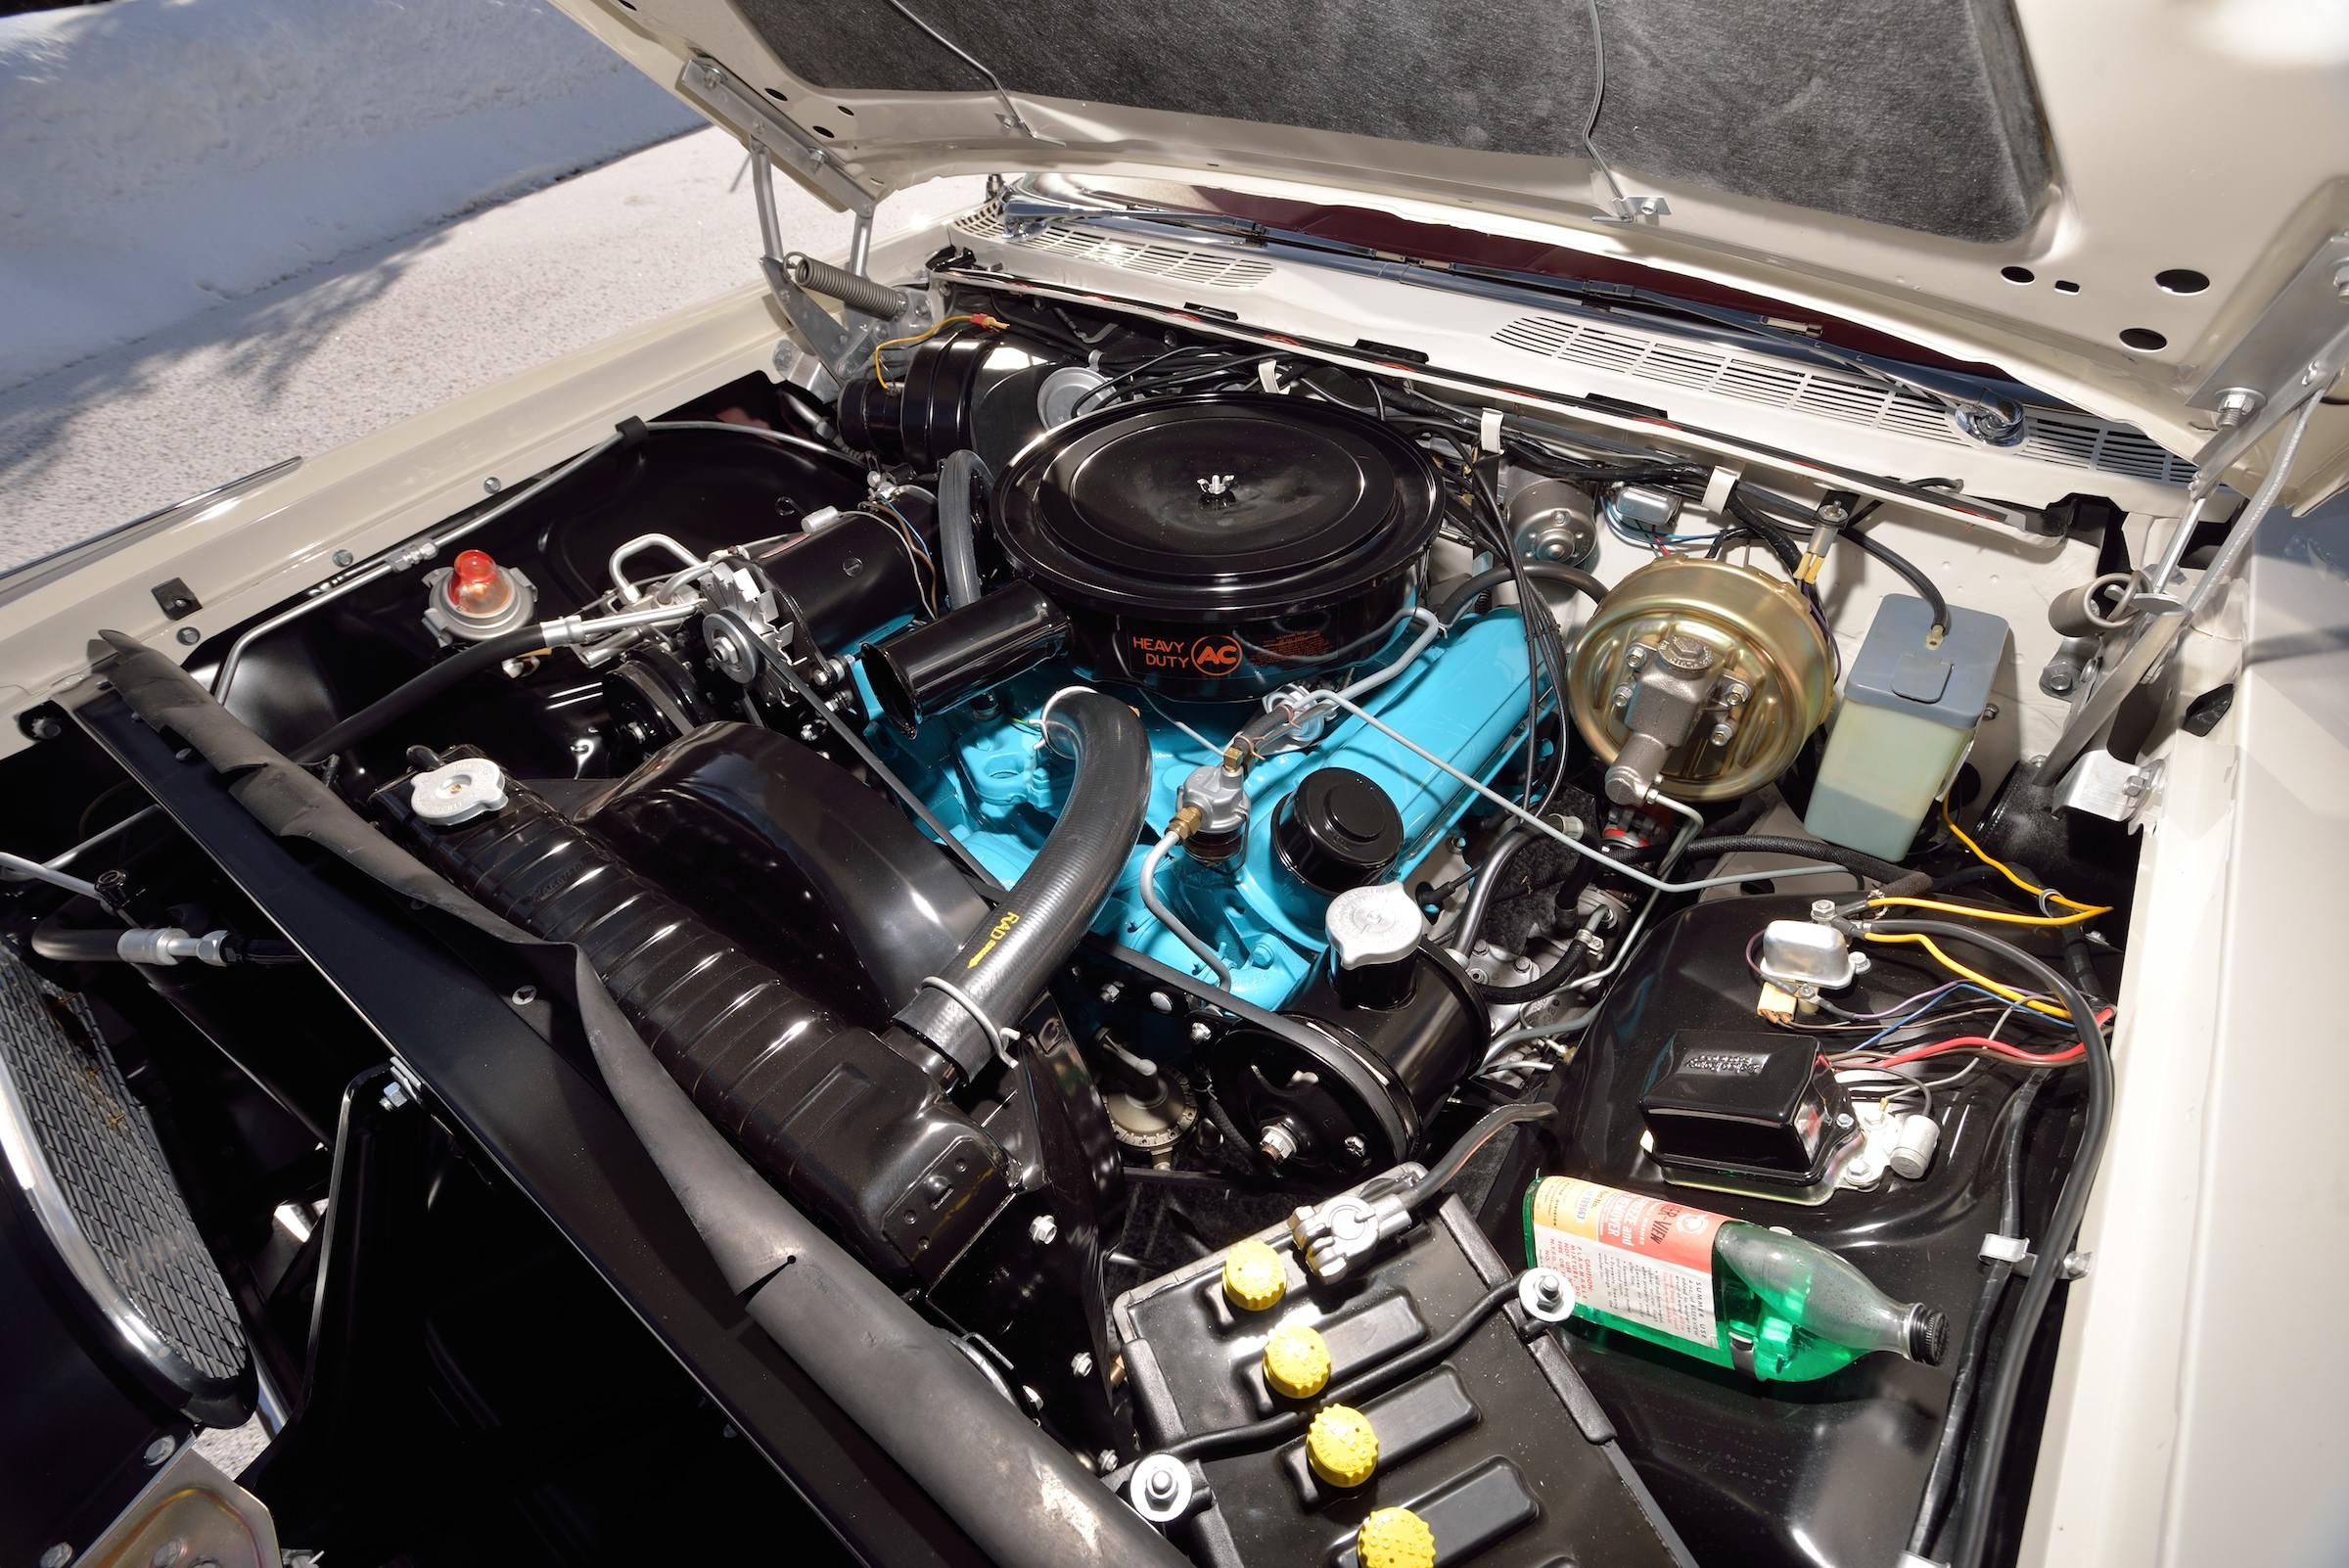 The Original 1959 Pontiac El Catalina Prototype - Only 1 Was Ever Made